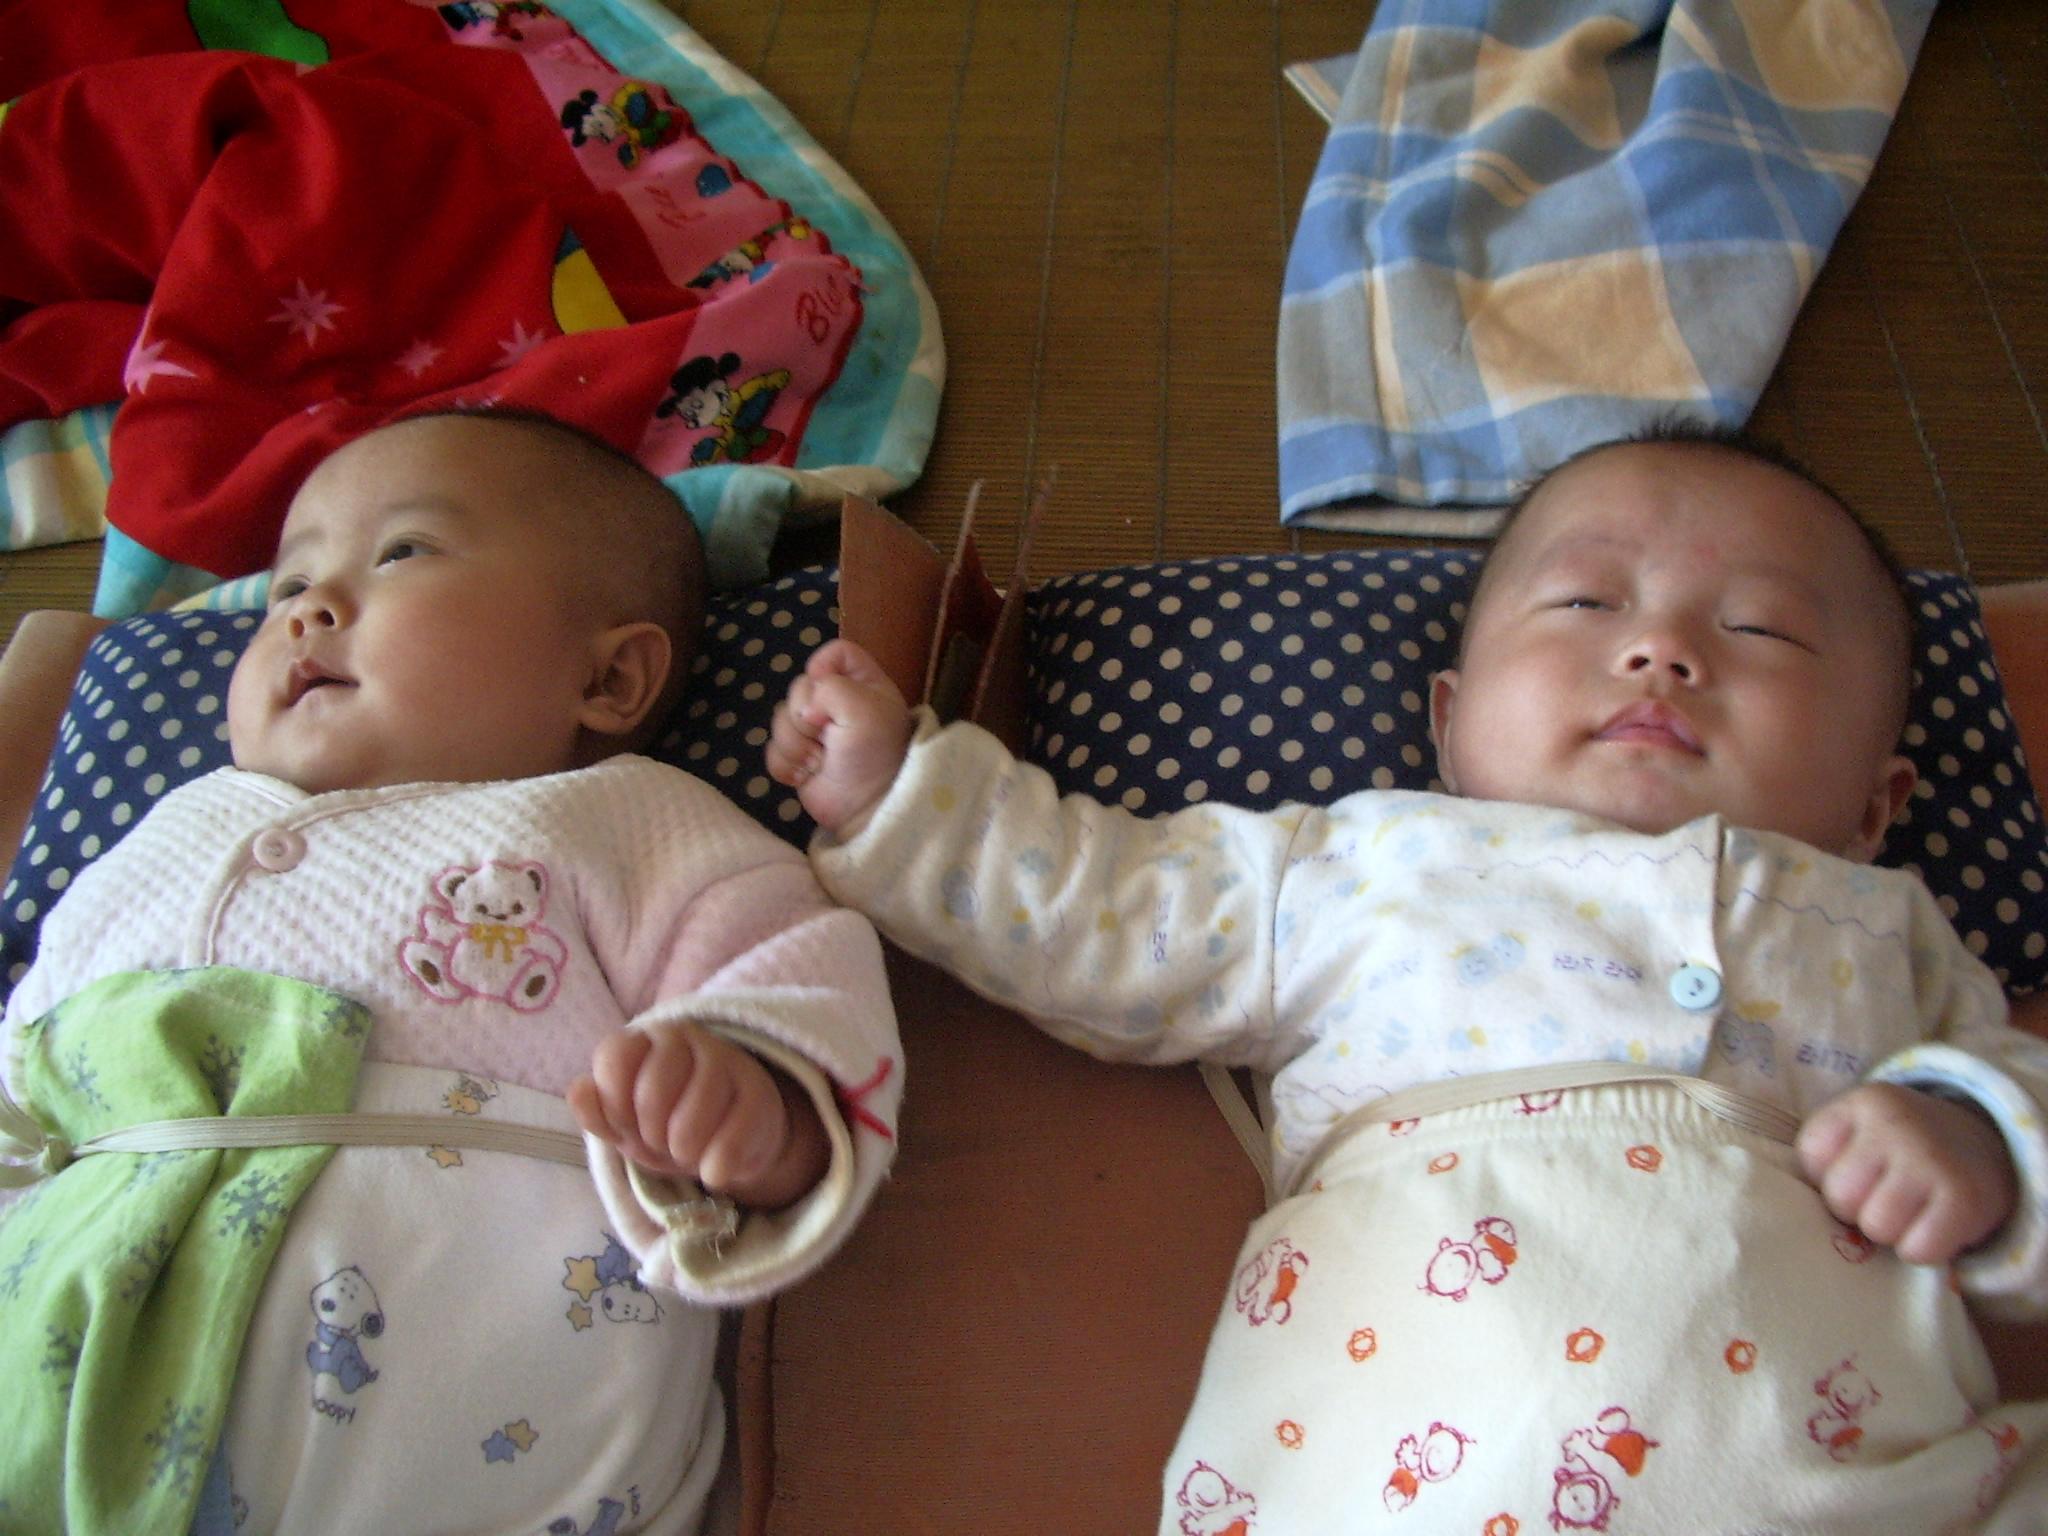 刚出生就有门牙   龙凤胎宝宝图片欣赏   商都频道--试管婴儿